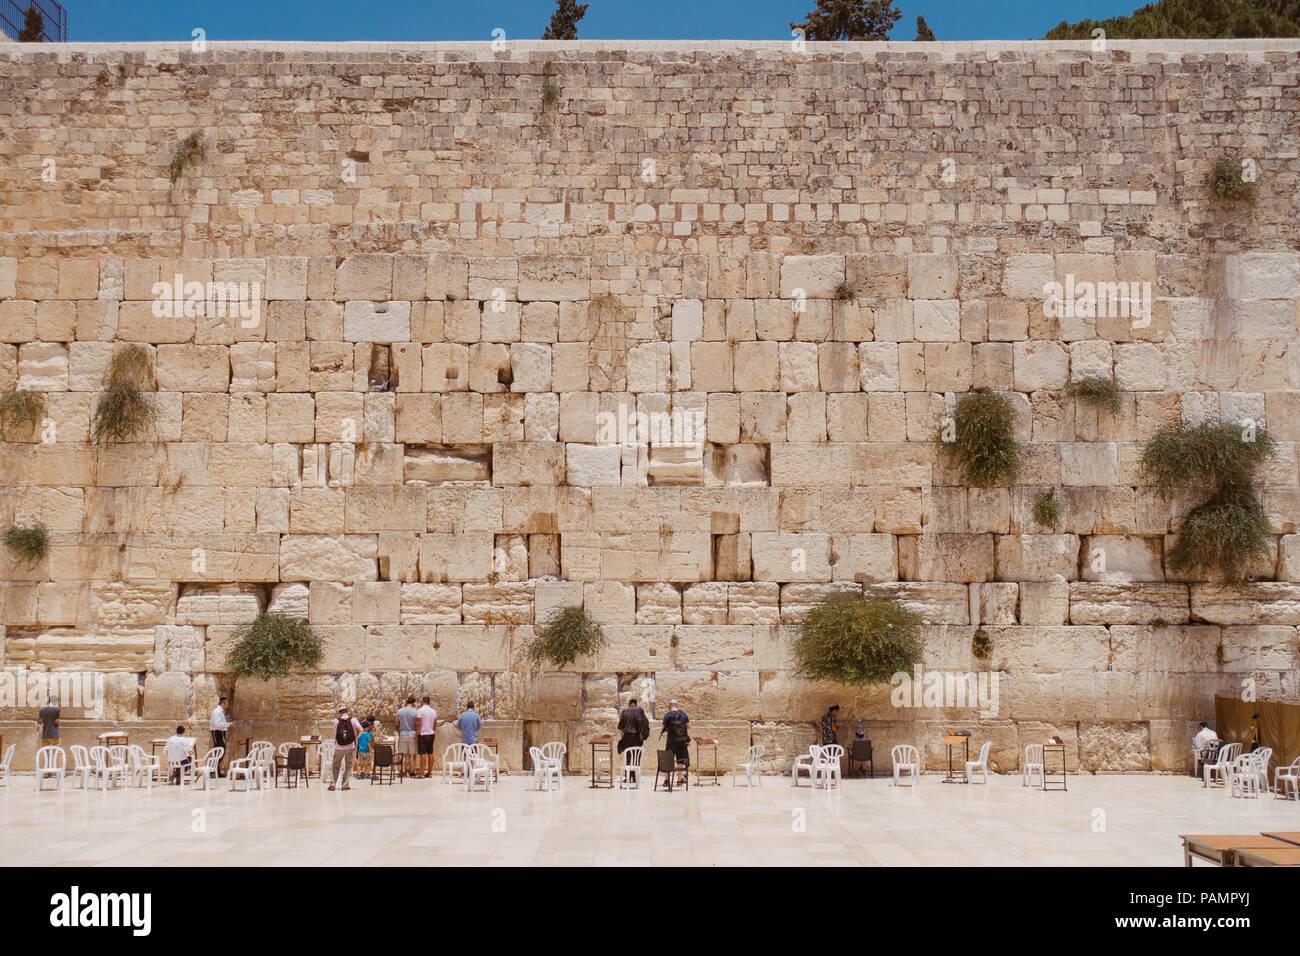 Un cuadrado-en vista de la sección masculina del Muro de las Lamentaciones, Jerusalén, Tel Aviv. Imagen De Stock